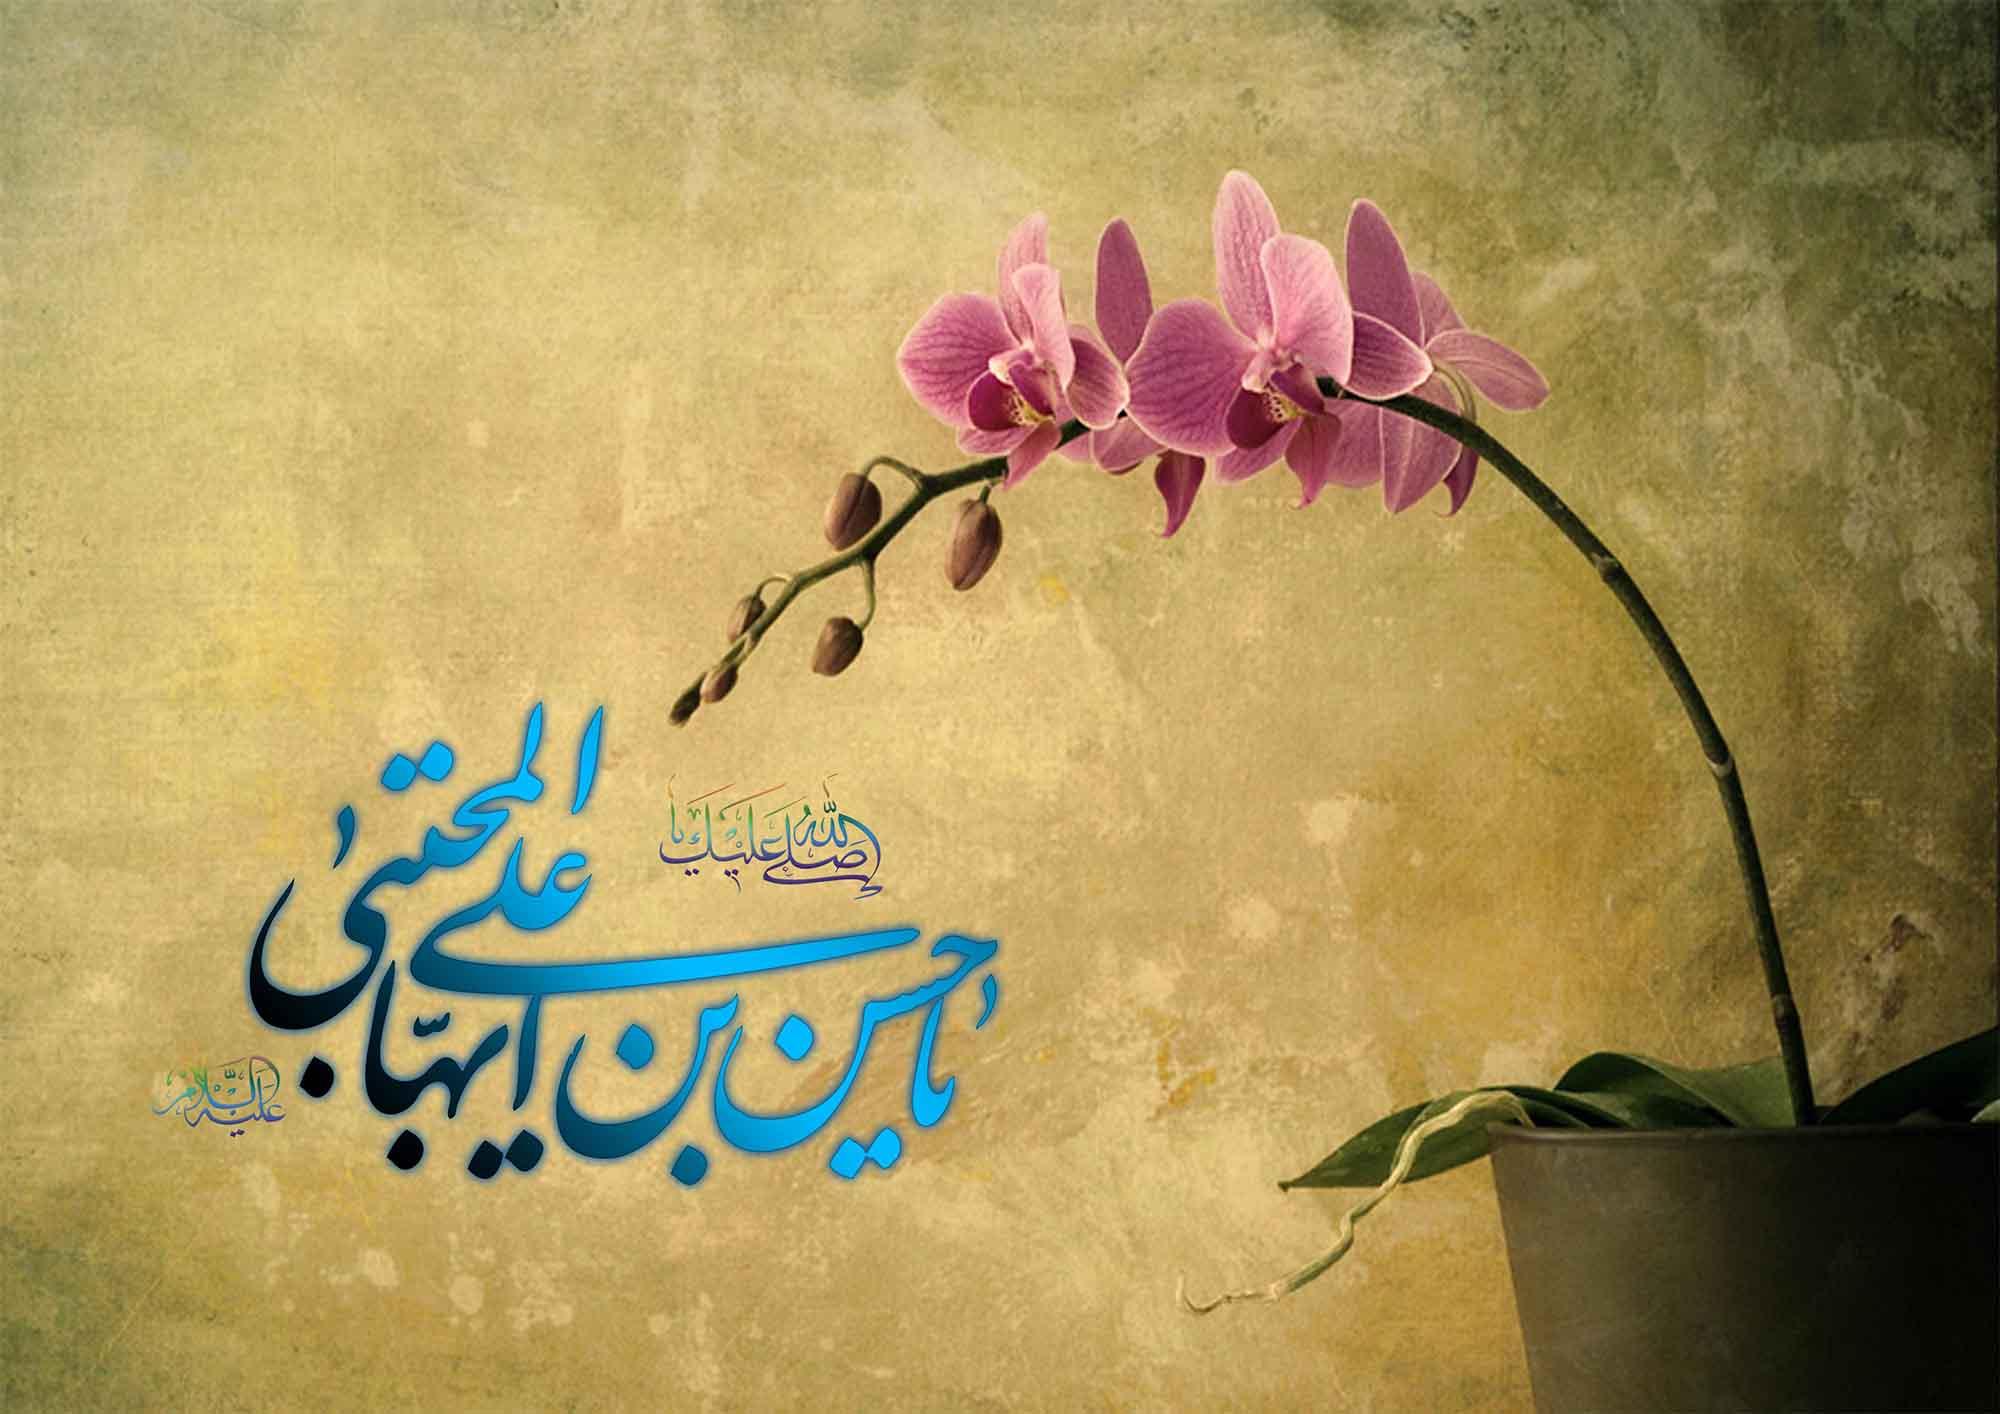 امام حسن(علیہ السلام) کے صلح کی اہم وجہ